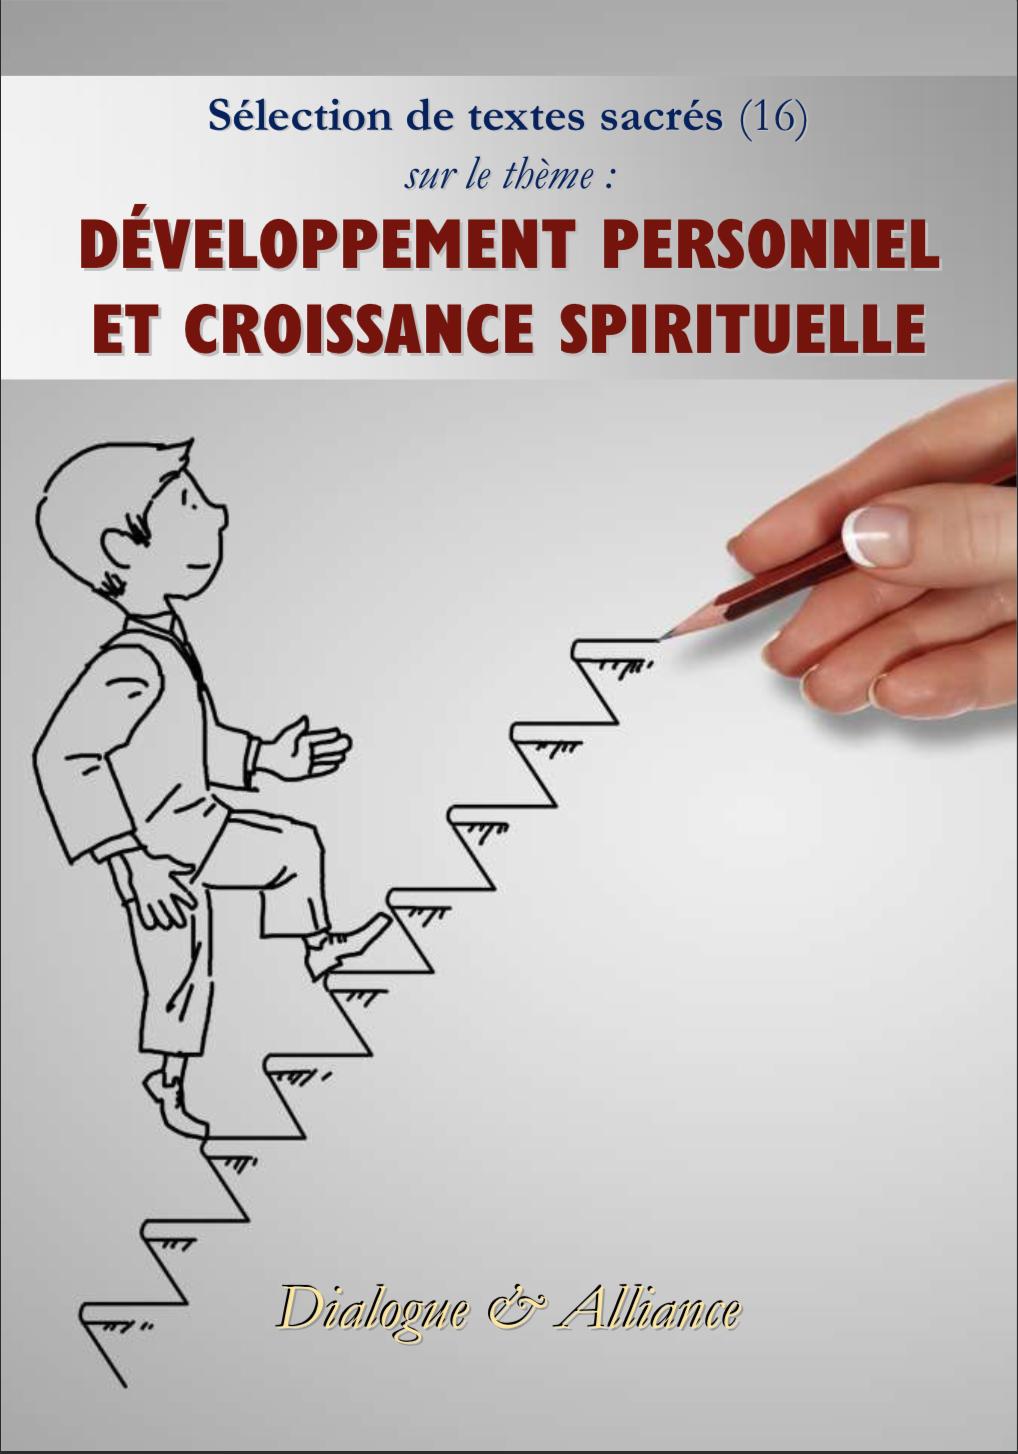 Développement personnel et croissance spirituelle